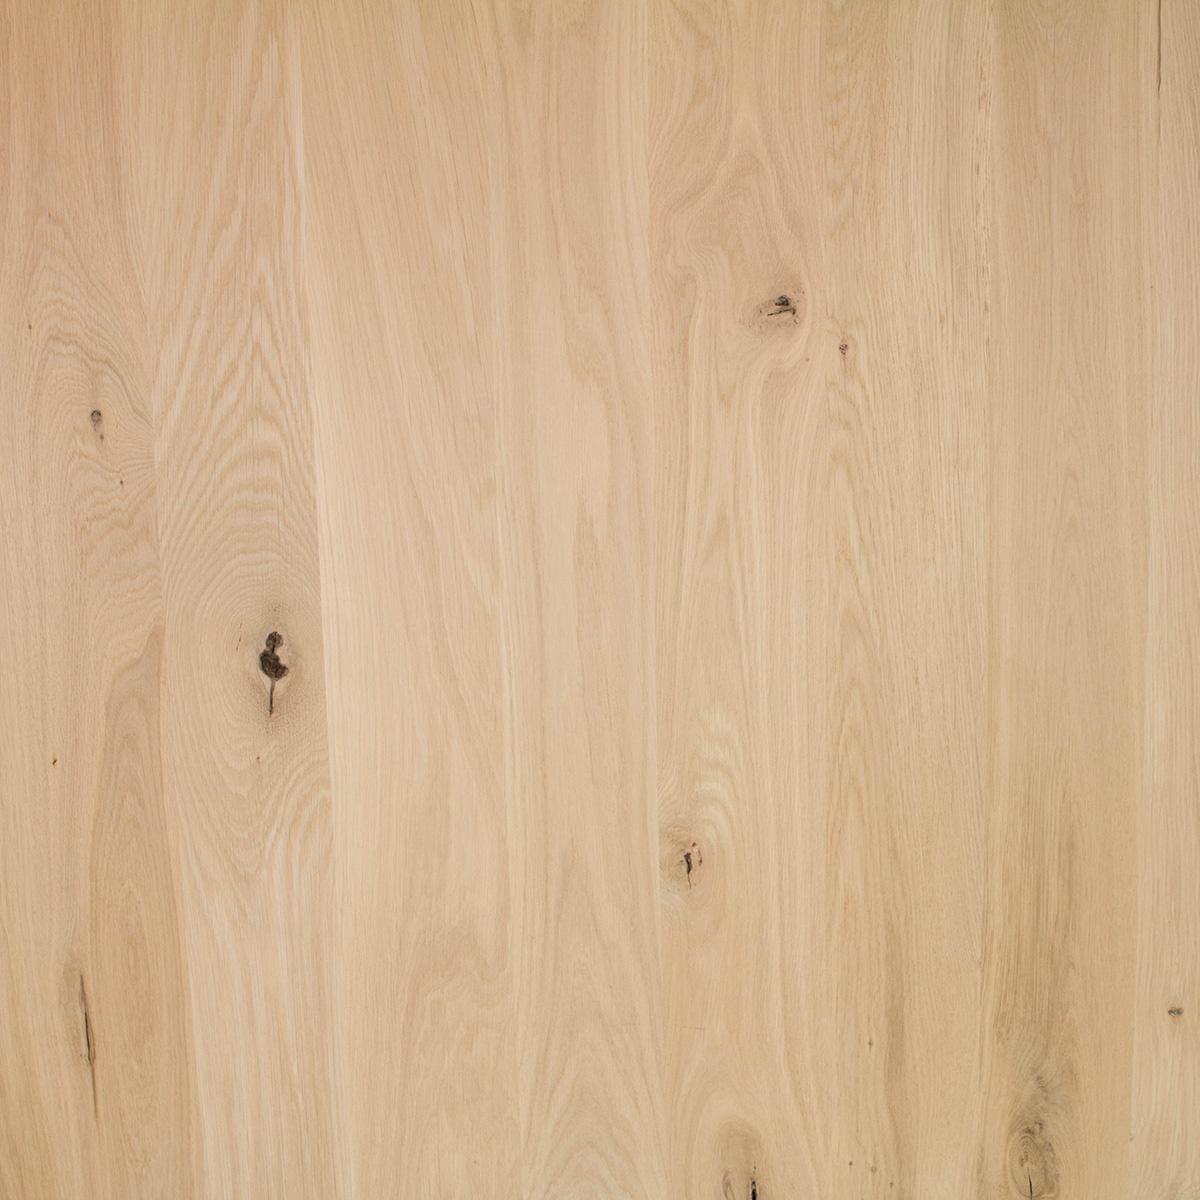 Eiken H-tafelpoten (SET - 2 stuks) 12x12cm - 85 cm breed - 72 cm hoog -  H-poot van Rustiek eikenhout - verlijmd kd 8-12%